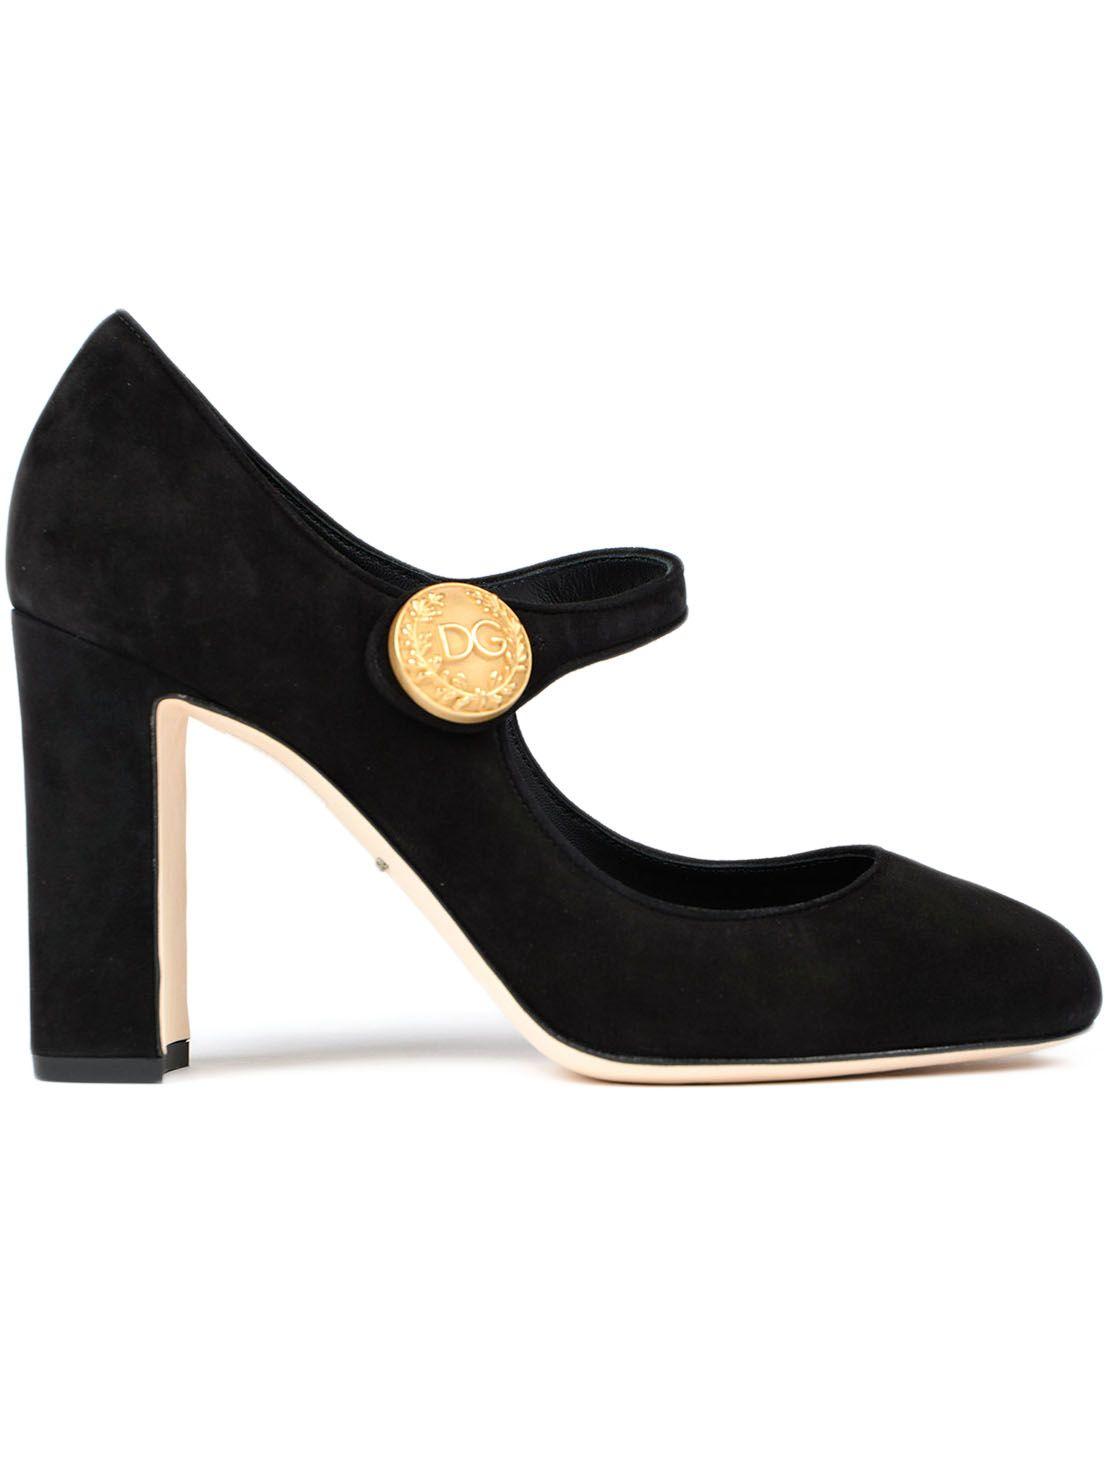 Dolce & Gabbana Dolce & Gabbana Mary Jane Pumps